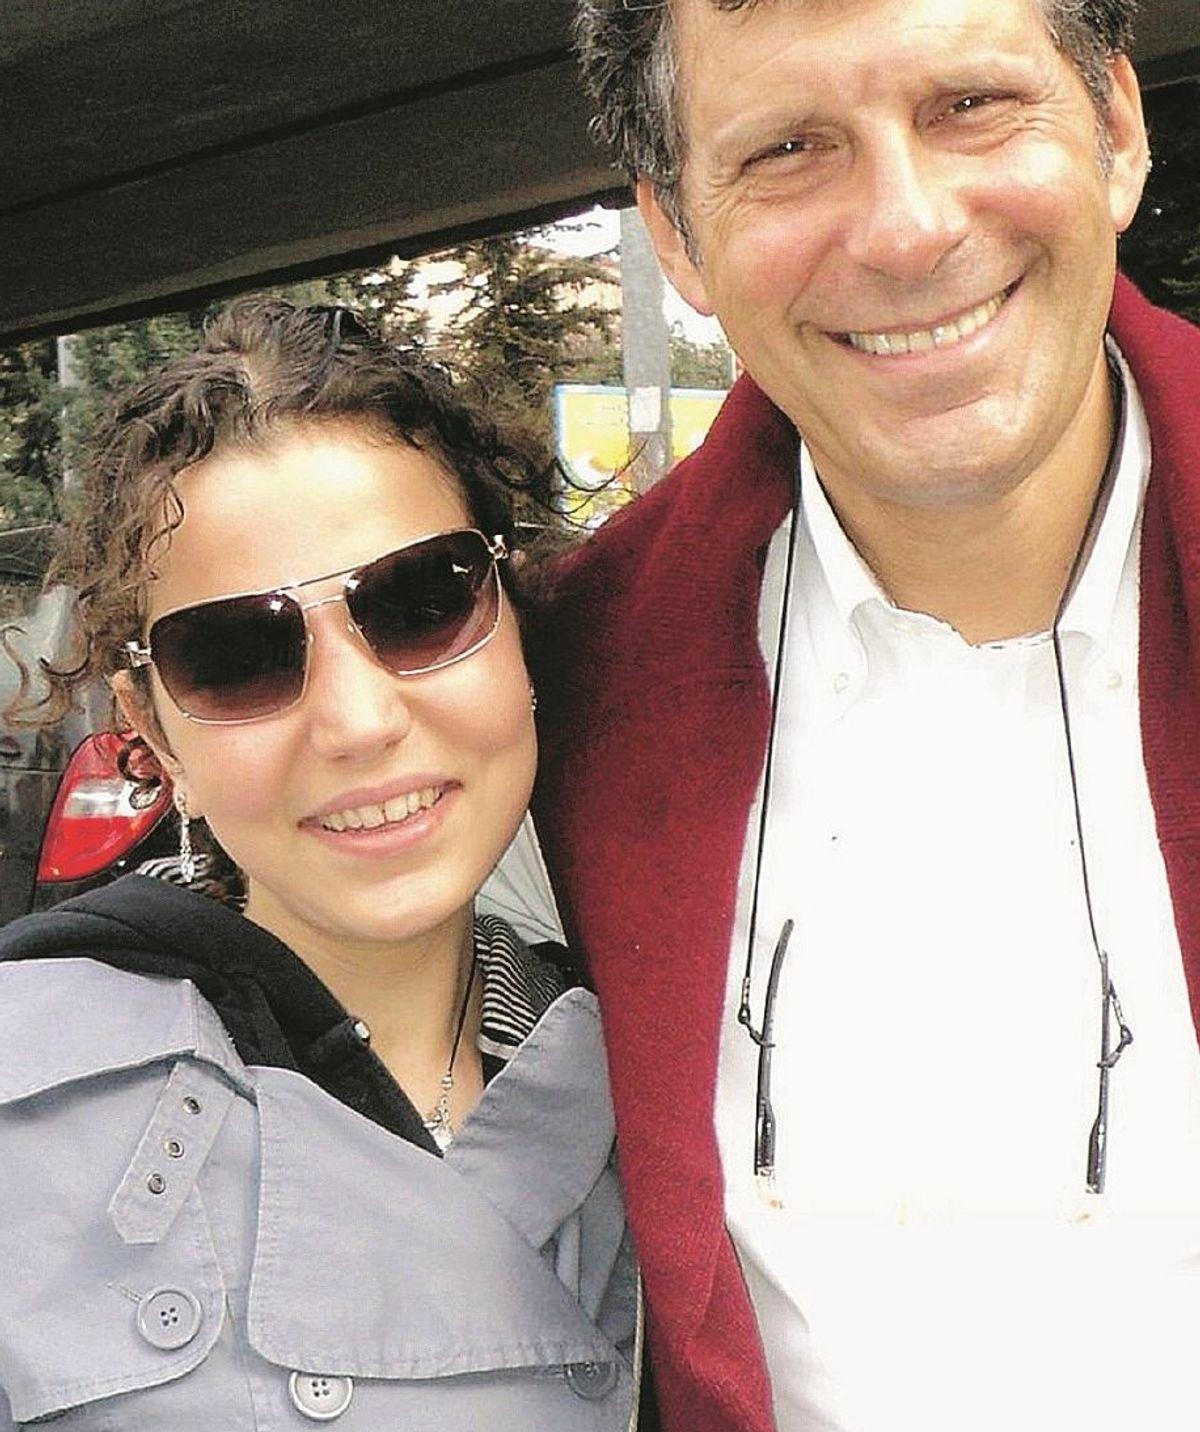 Valeria Favorito: «Fabrizio mi ha dato un'altra vita. Per salvarlo l'avrei sacrificata»